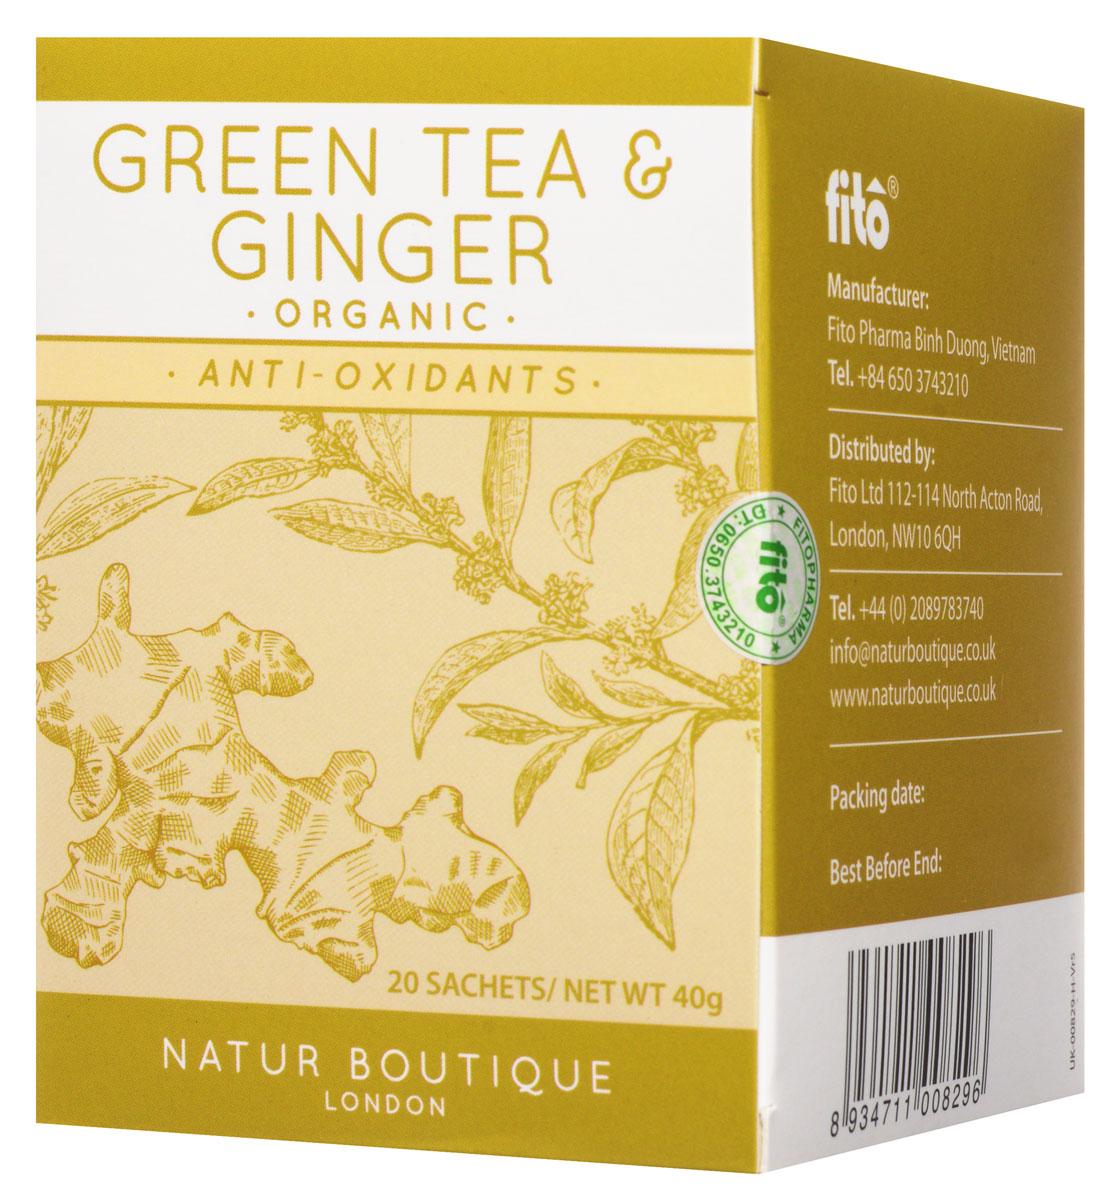 Natur Boutique Green Tea&Ginger Organic Tea органический зеленый чай с имбирем, 20 пакетиков xbox